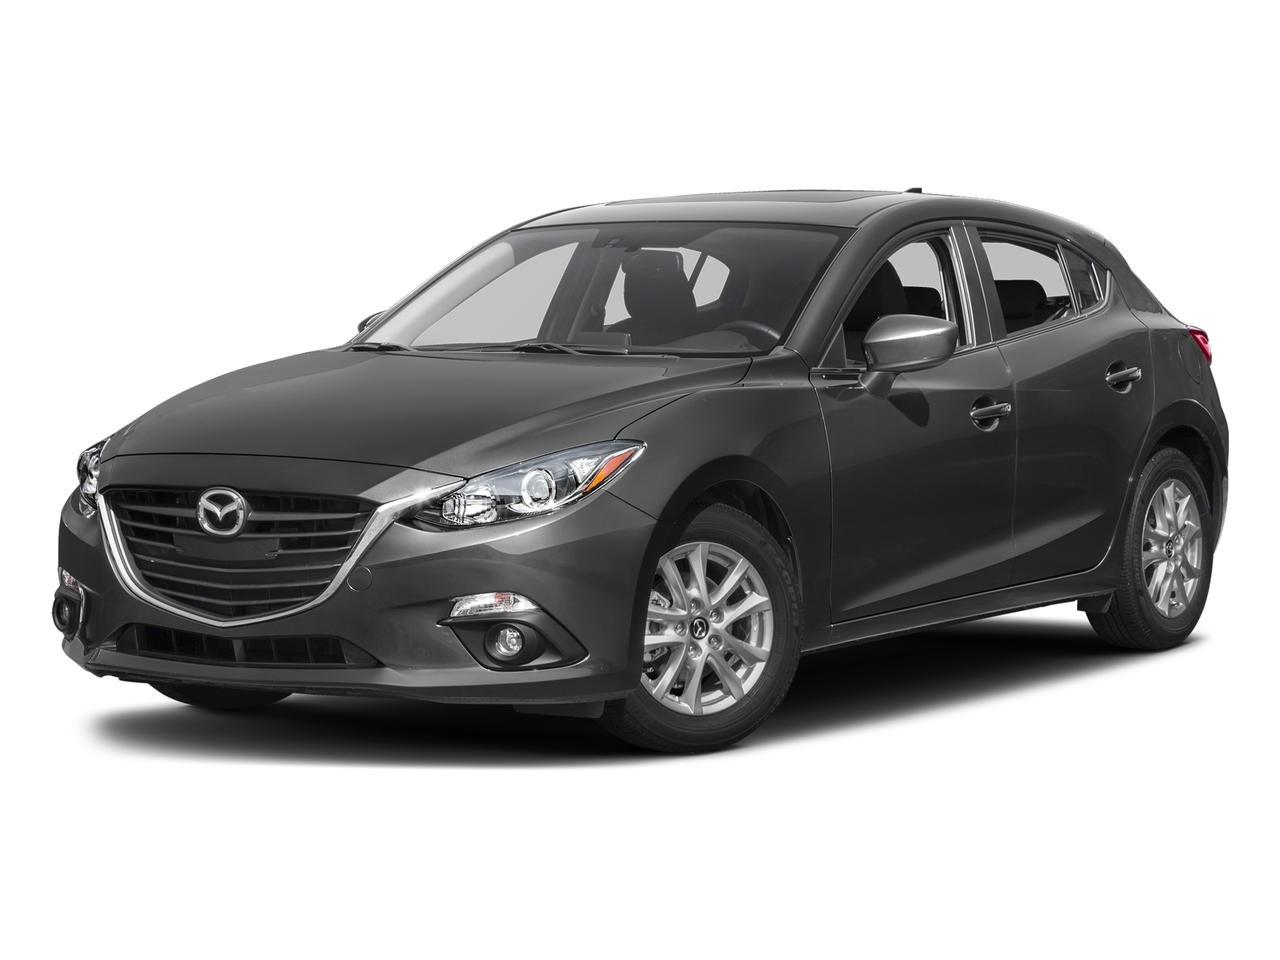 2016 Mazda Mazda3 Vehicle Photo in Owensboro, KY 42302